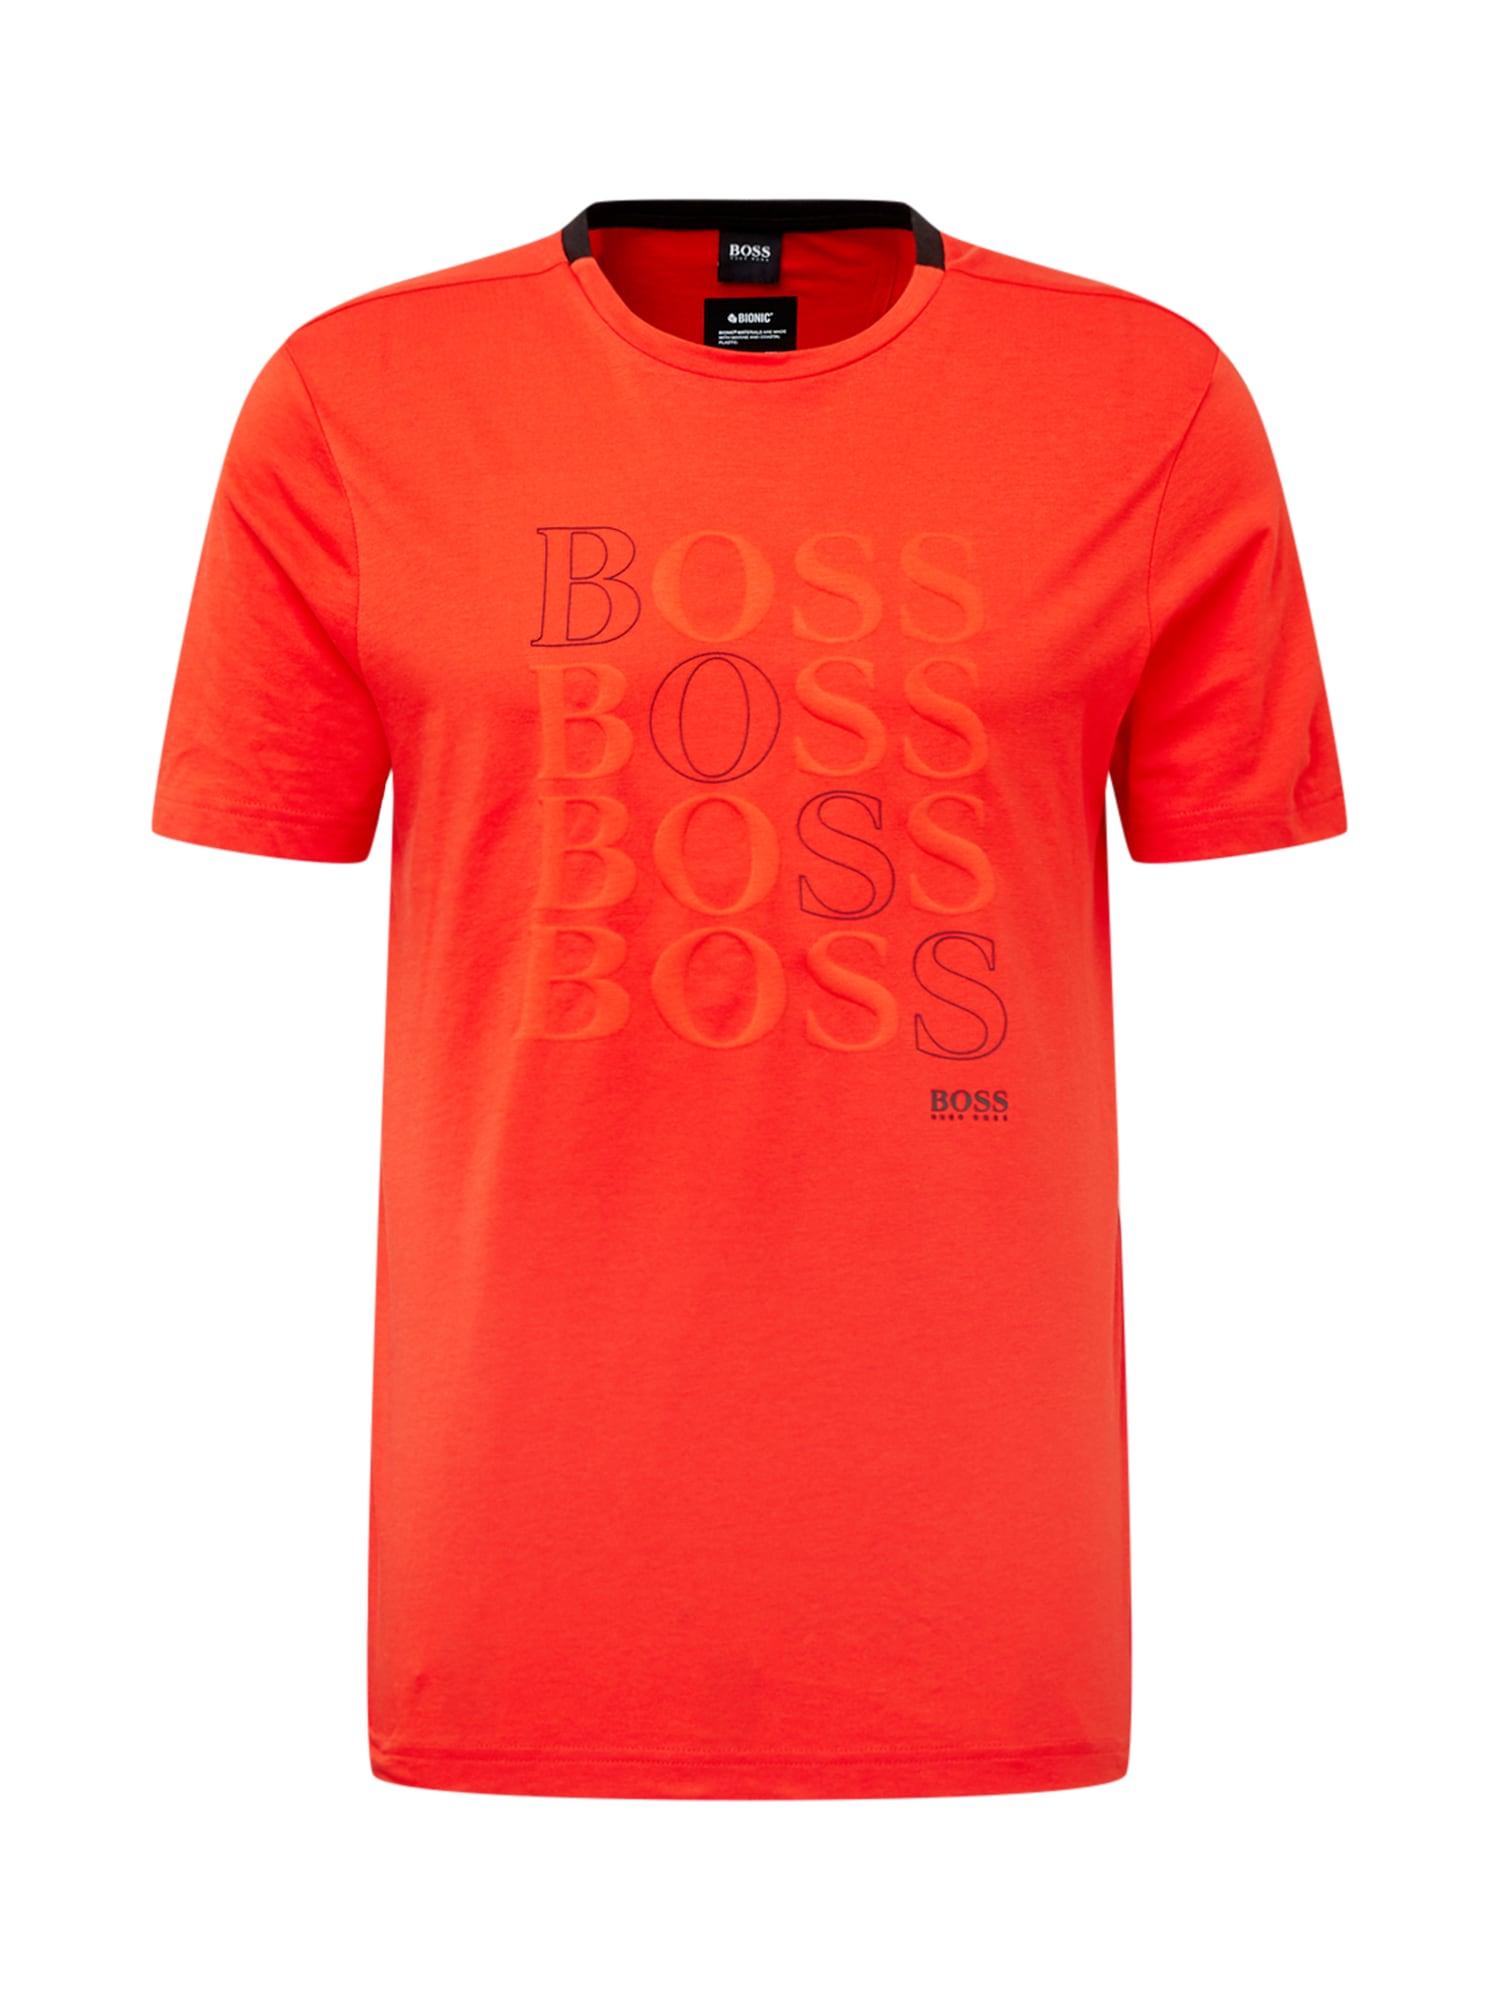 BOSS ATHLEISURE Marškinėliai 'Teeonic' raudona / juoda